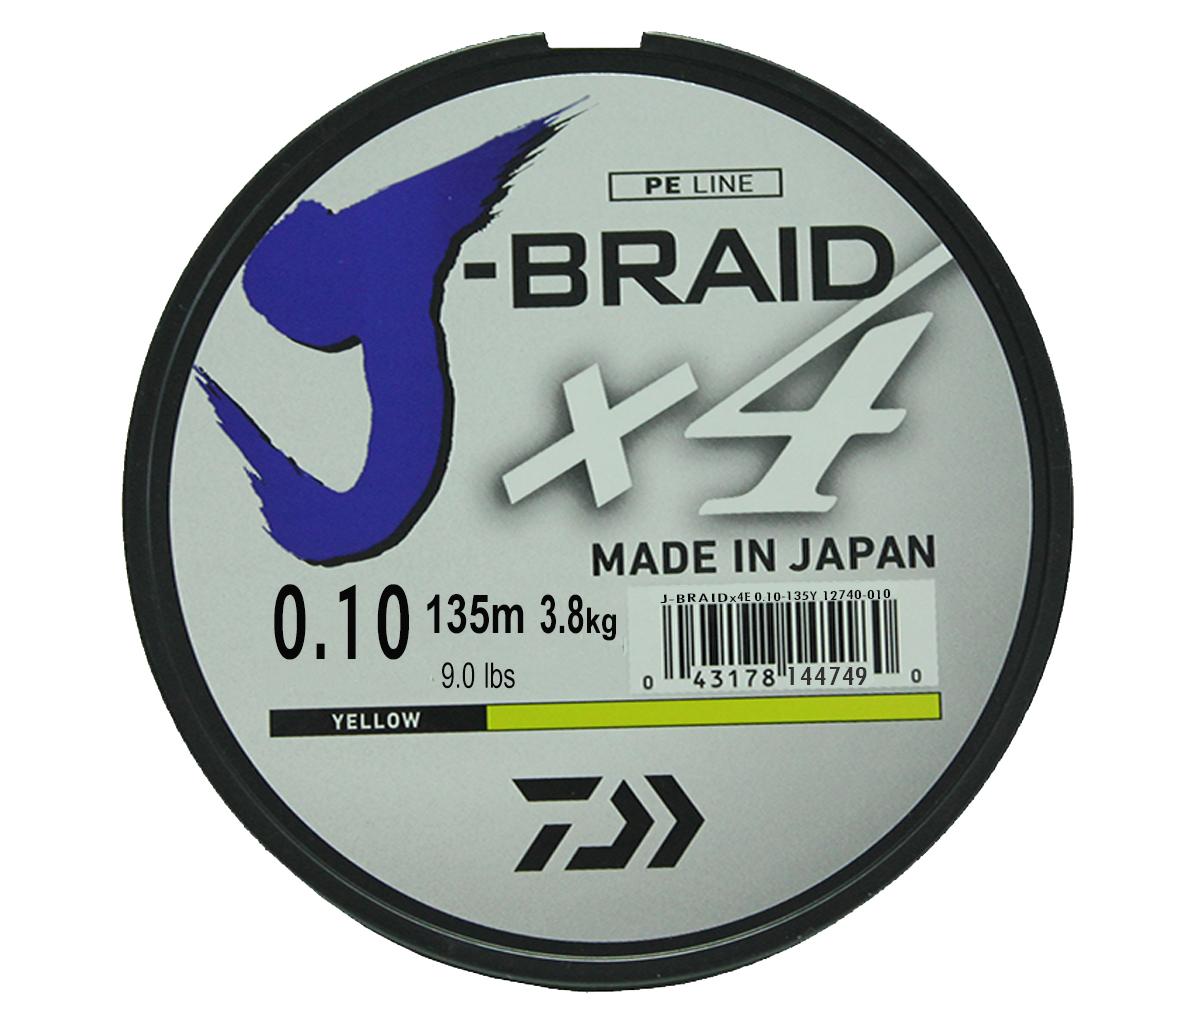 Шнур плетеный Daiwa J-Braid X4, цвет:флуоресцентный желтый, 135 м, 0,10 мм010-01199-23Новый 4х жильный шнур J-Braid, DAIWA - шнур высокого класса с удивительным соотношением цены и качества. Качество плетения полностьюсоответствует японским стандартам и удовлетворяет всем требованиям. Представленные диаметры позволяют использовать шнур для всех техникловли, начиная от ultra- light ловли окуня, до морской ловли палтуса, трески и т.д